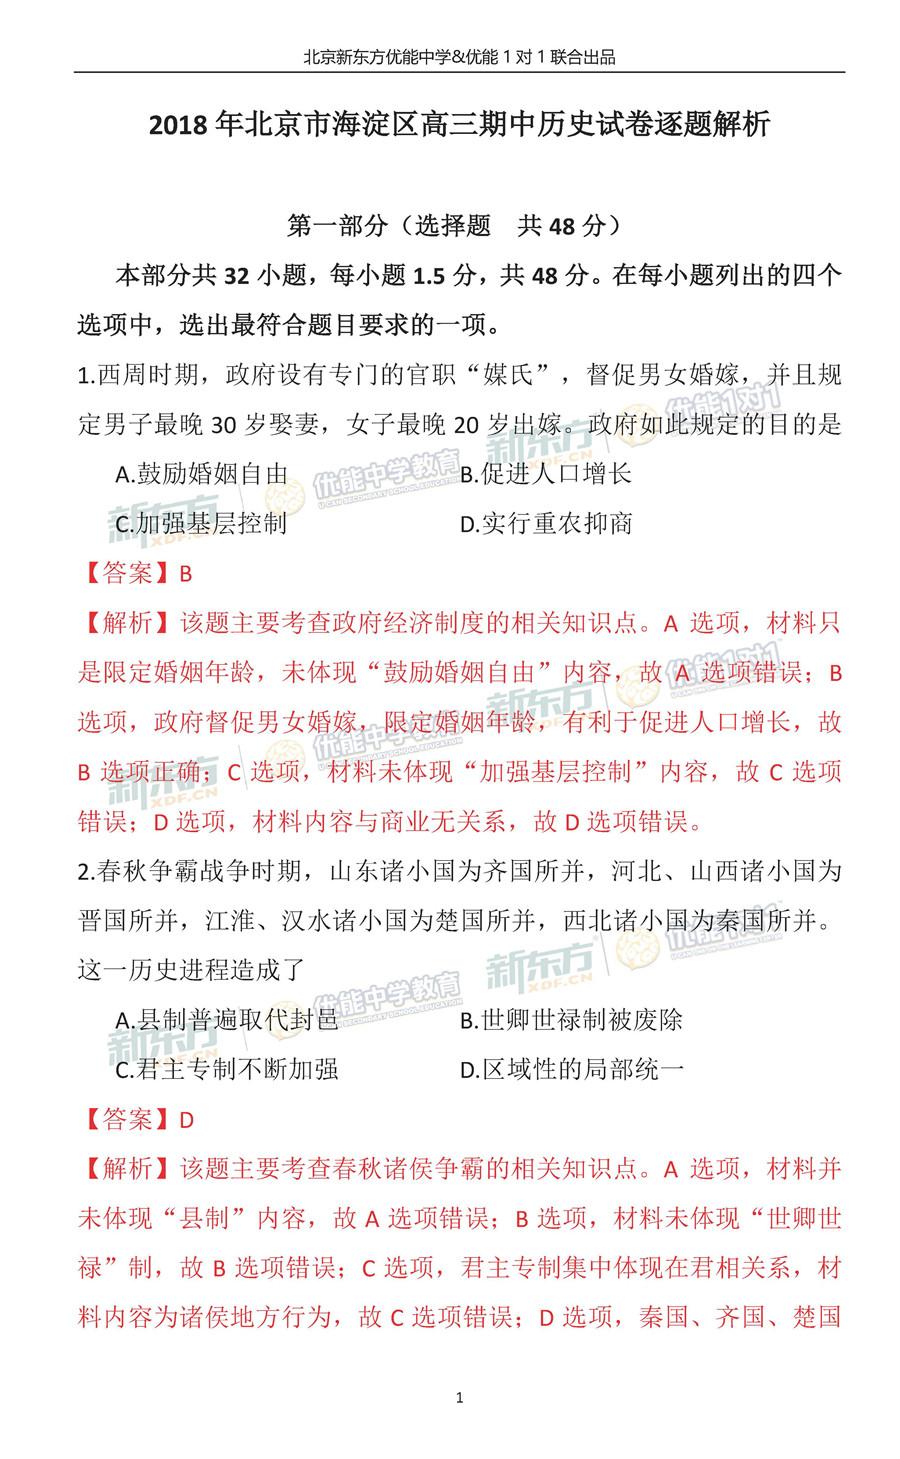 【新东方逐题解析】2018年11月北京海淀区高三期中考试历史试卷及答案